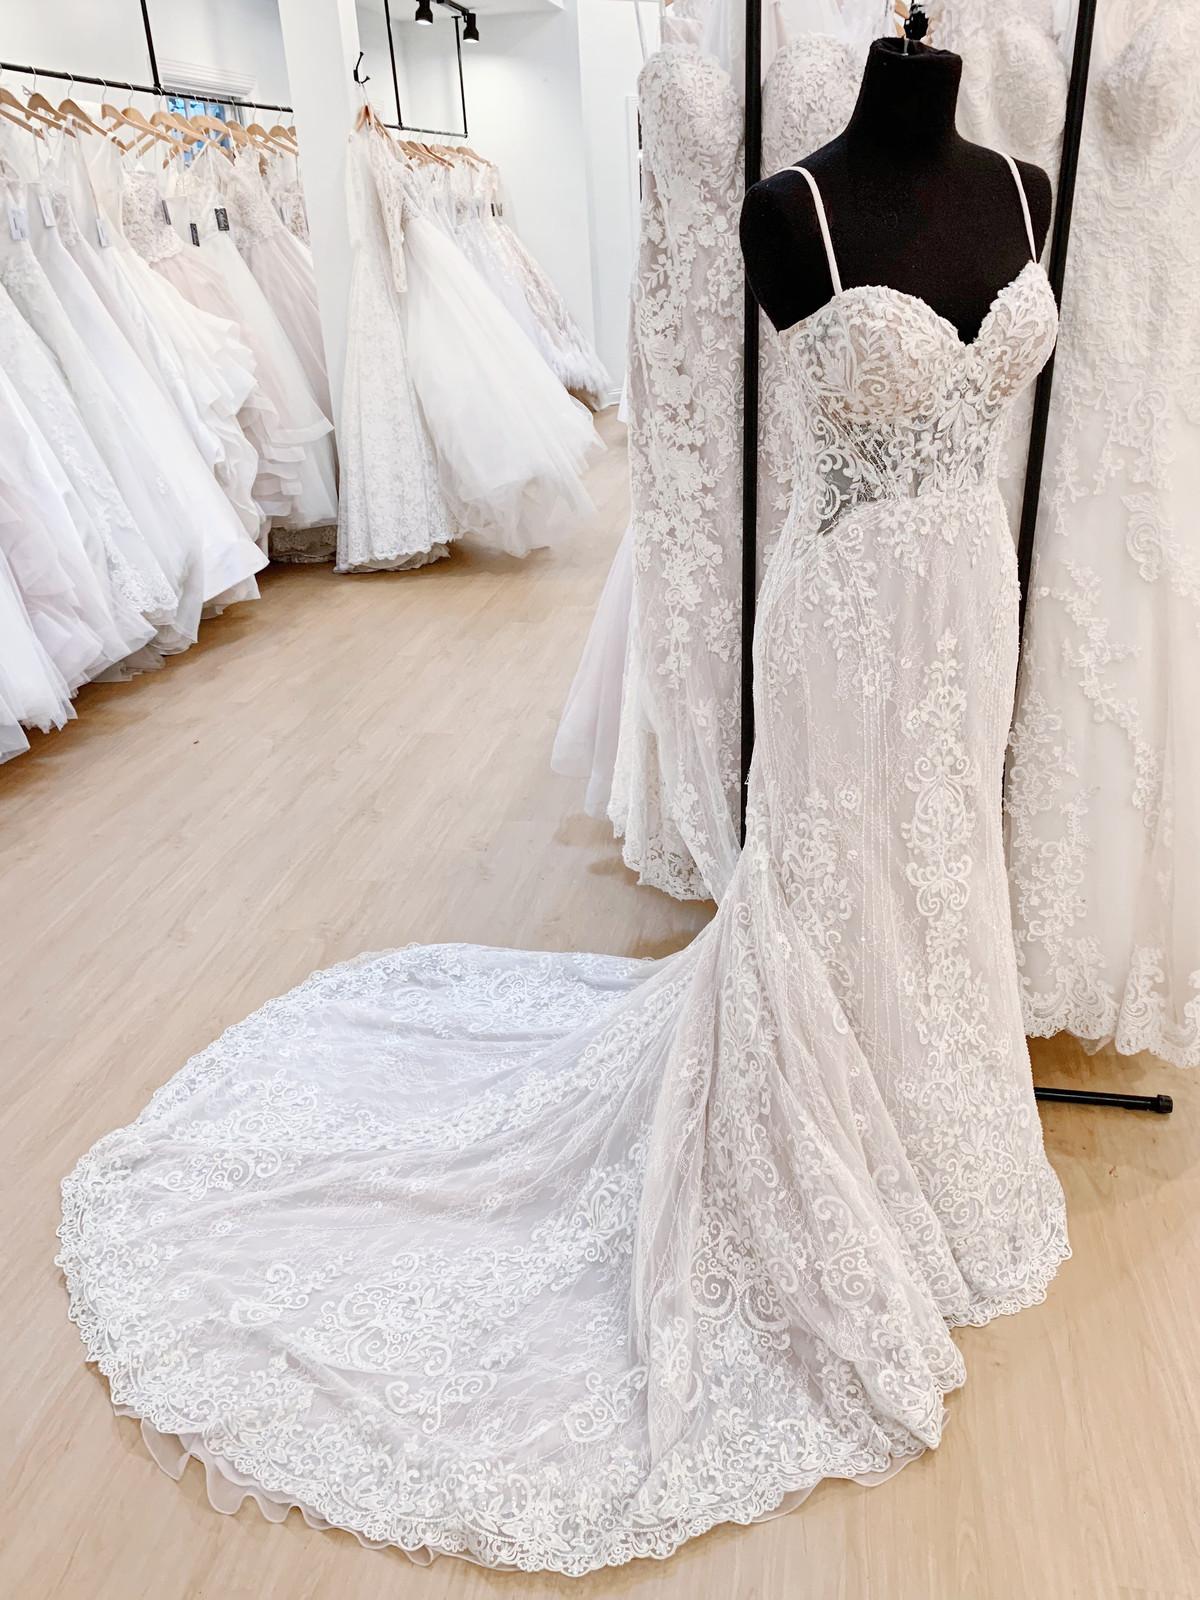 79694e0e14a58 Wedding Dress Louisville | Kentucky | Rebecca's Wedding Boutique